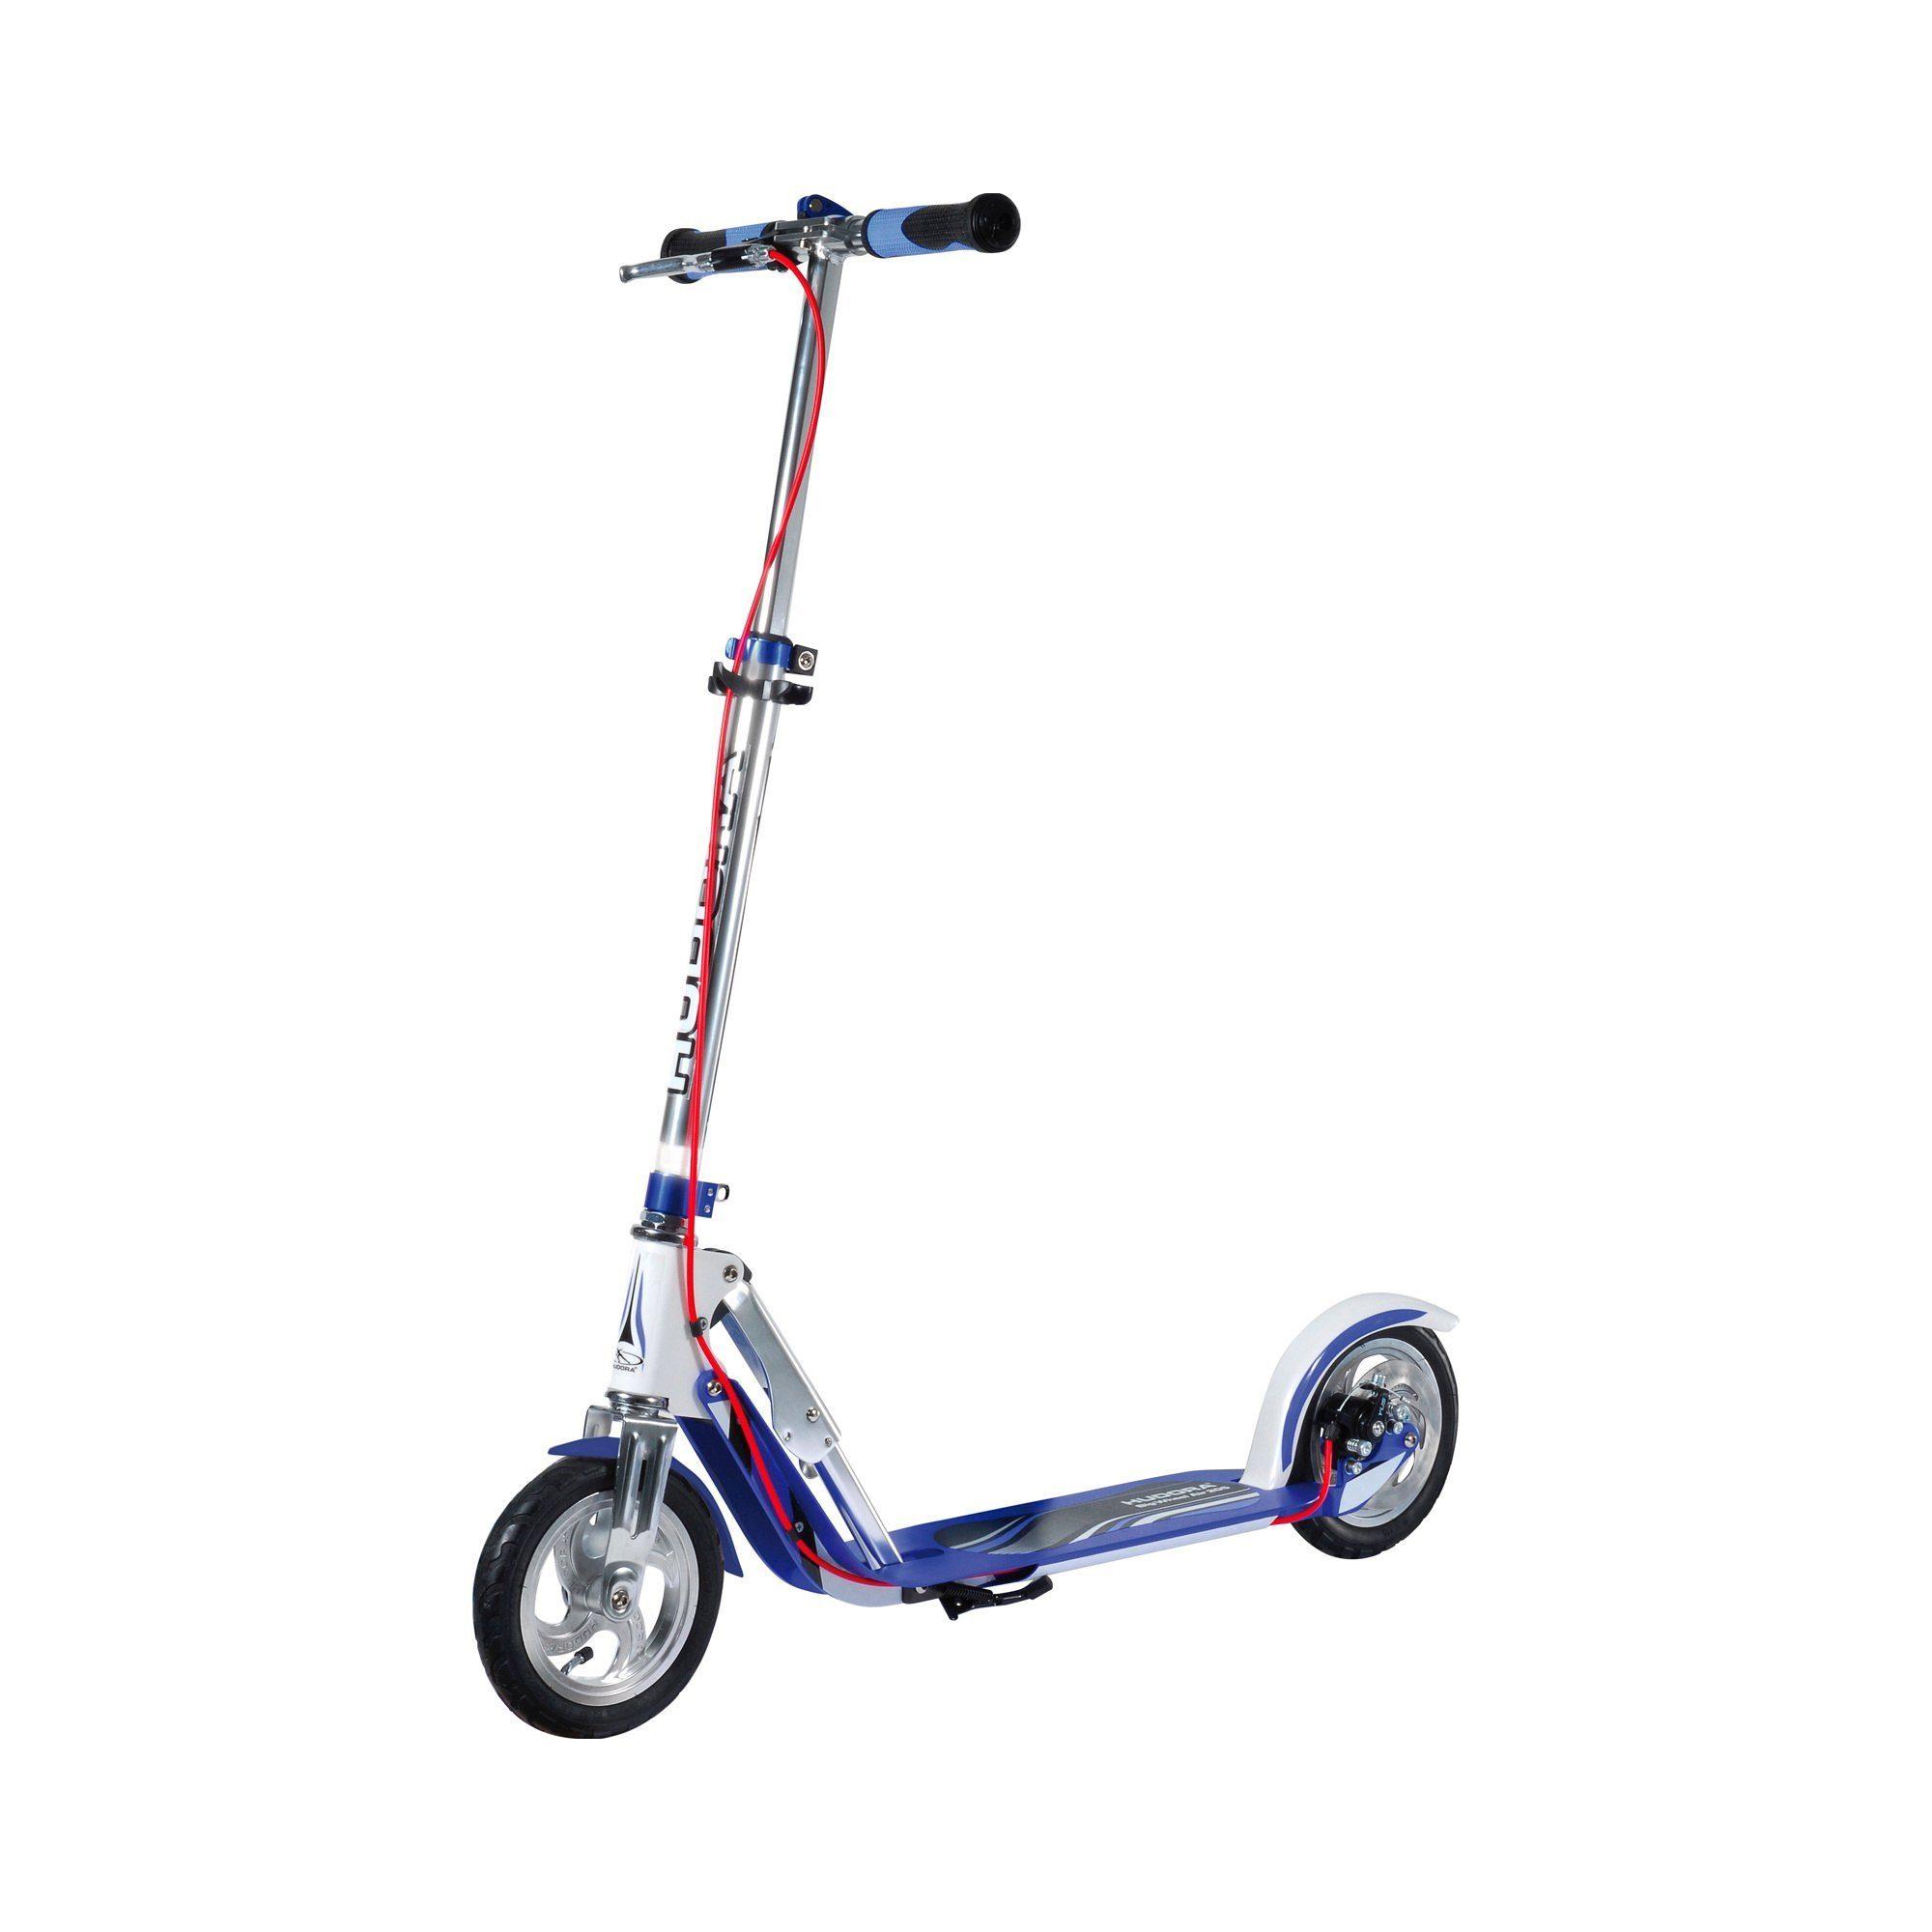 Hudora Scooter Big Wheel AIR Dual Brake